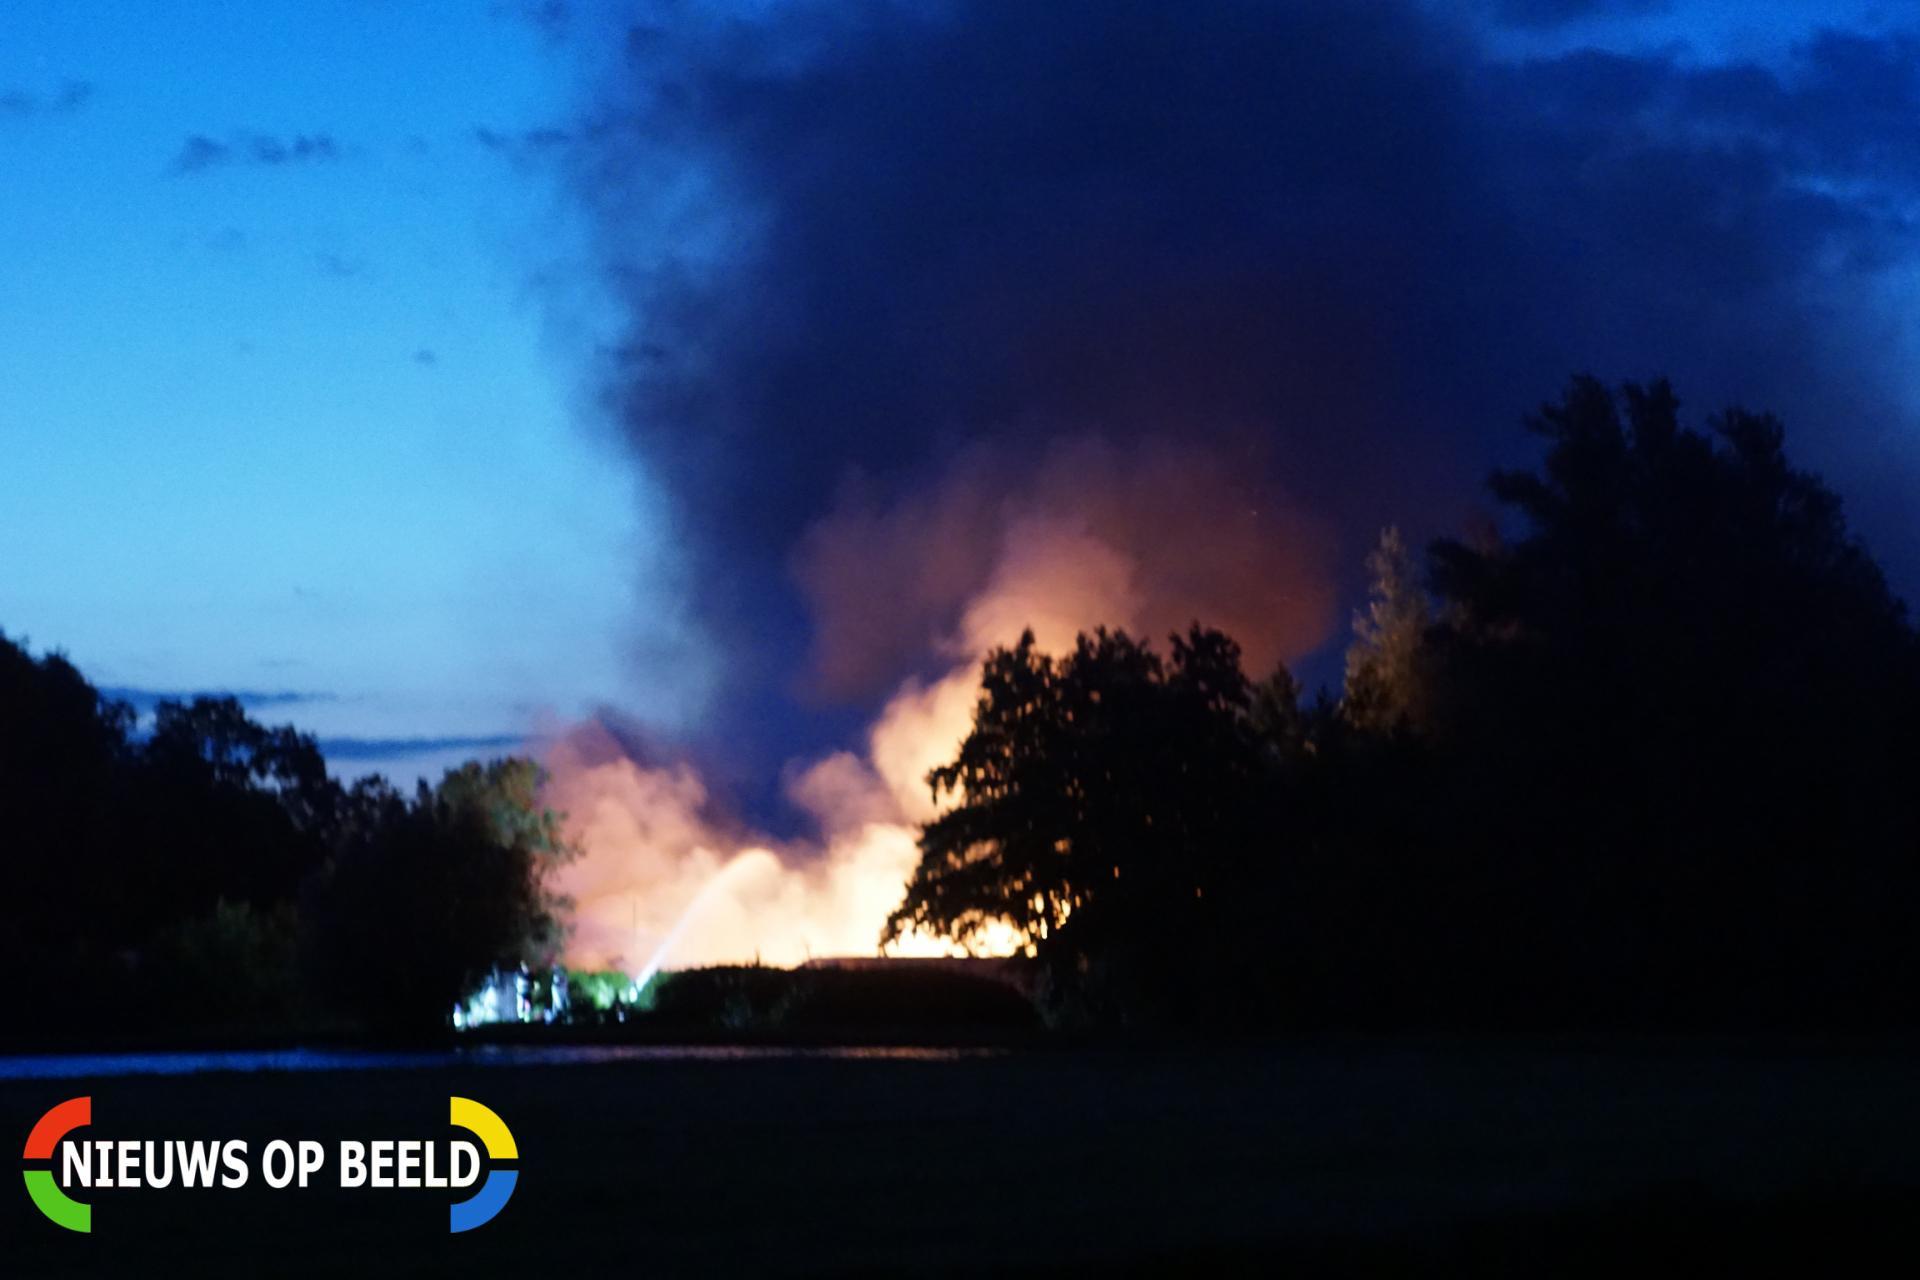 Grote brand hobbyloods op moestuin complex Winterdijk Waddinxveen